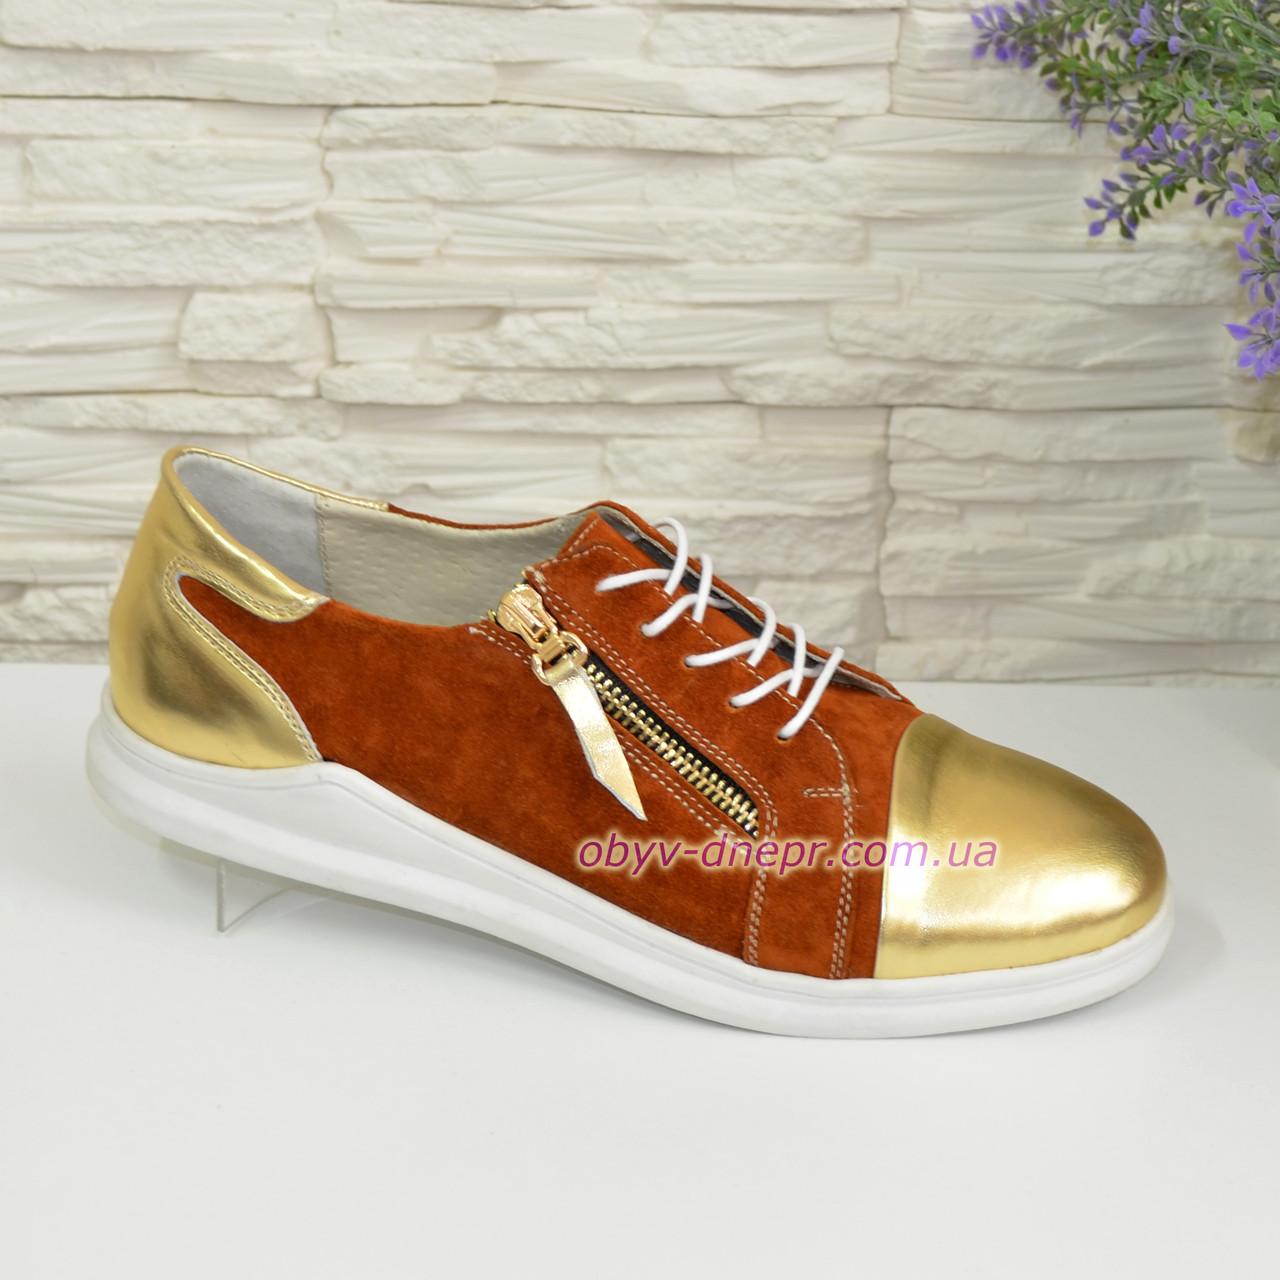 Туфли женские на шнуровке и молнии, цвет золото/рыжий